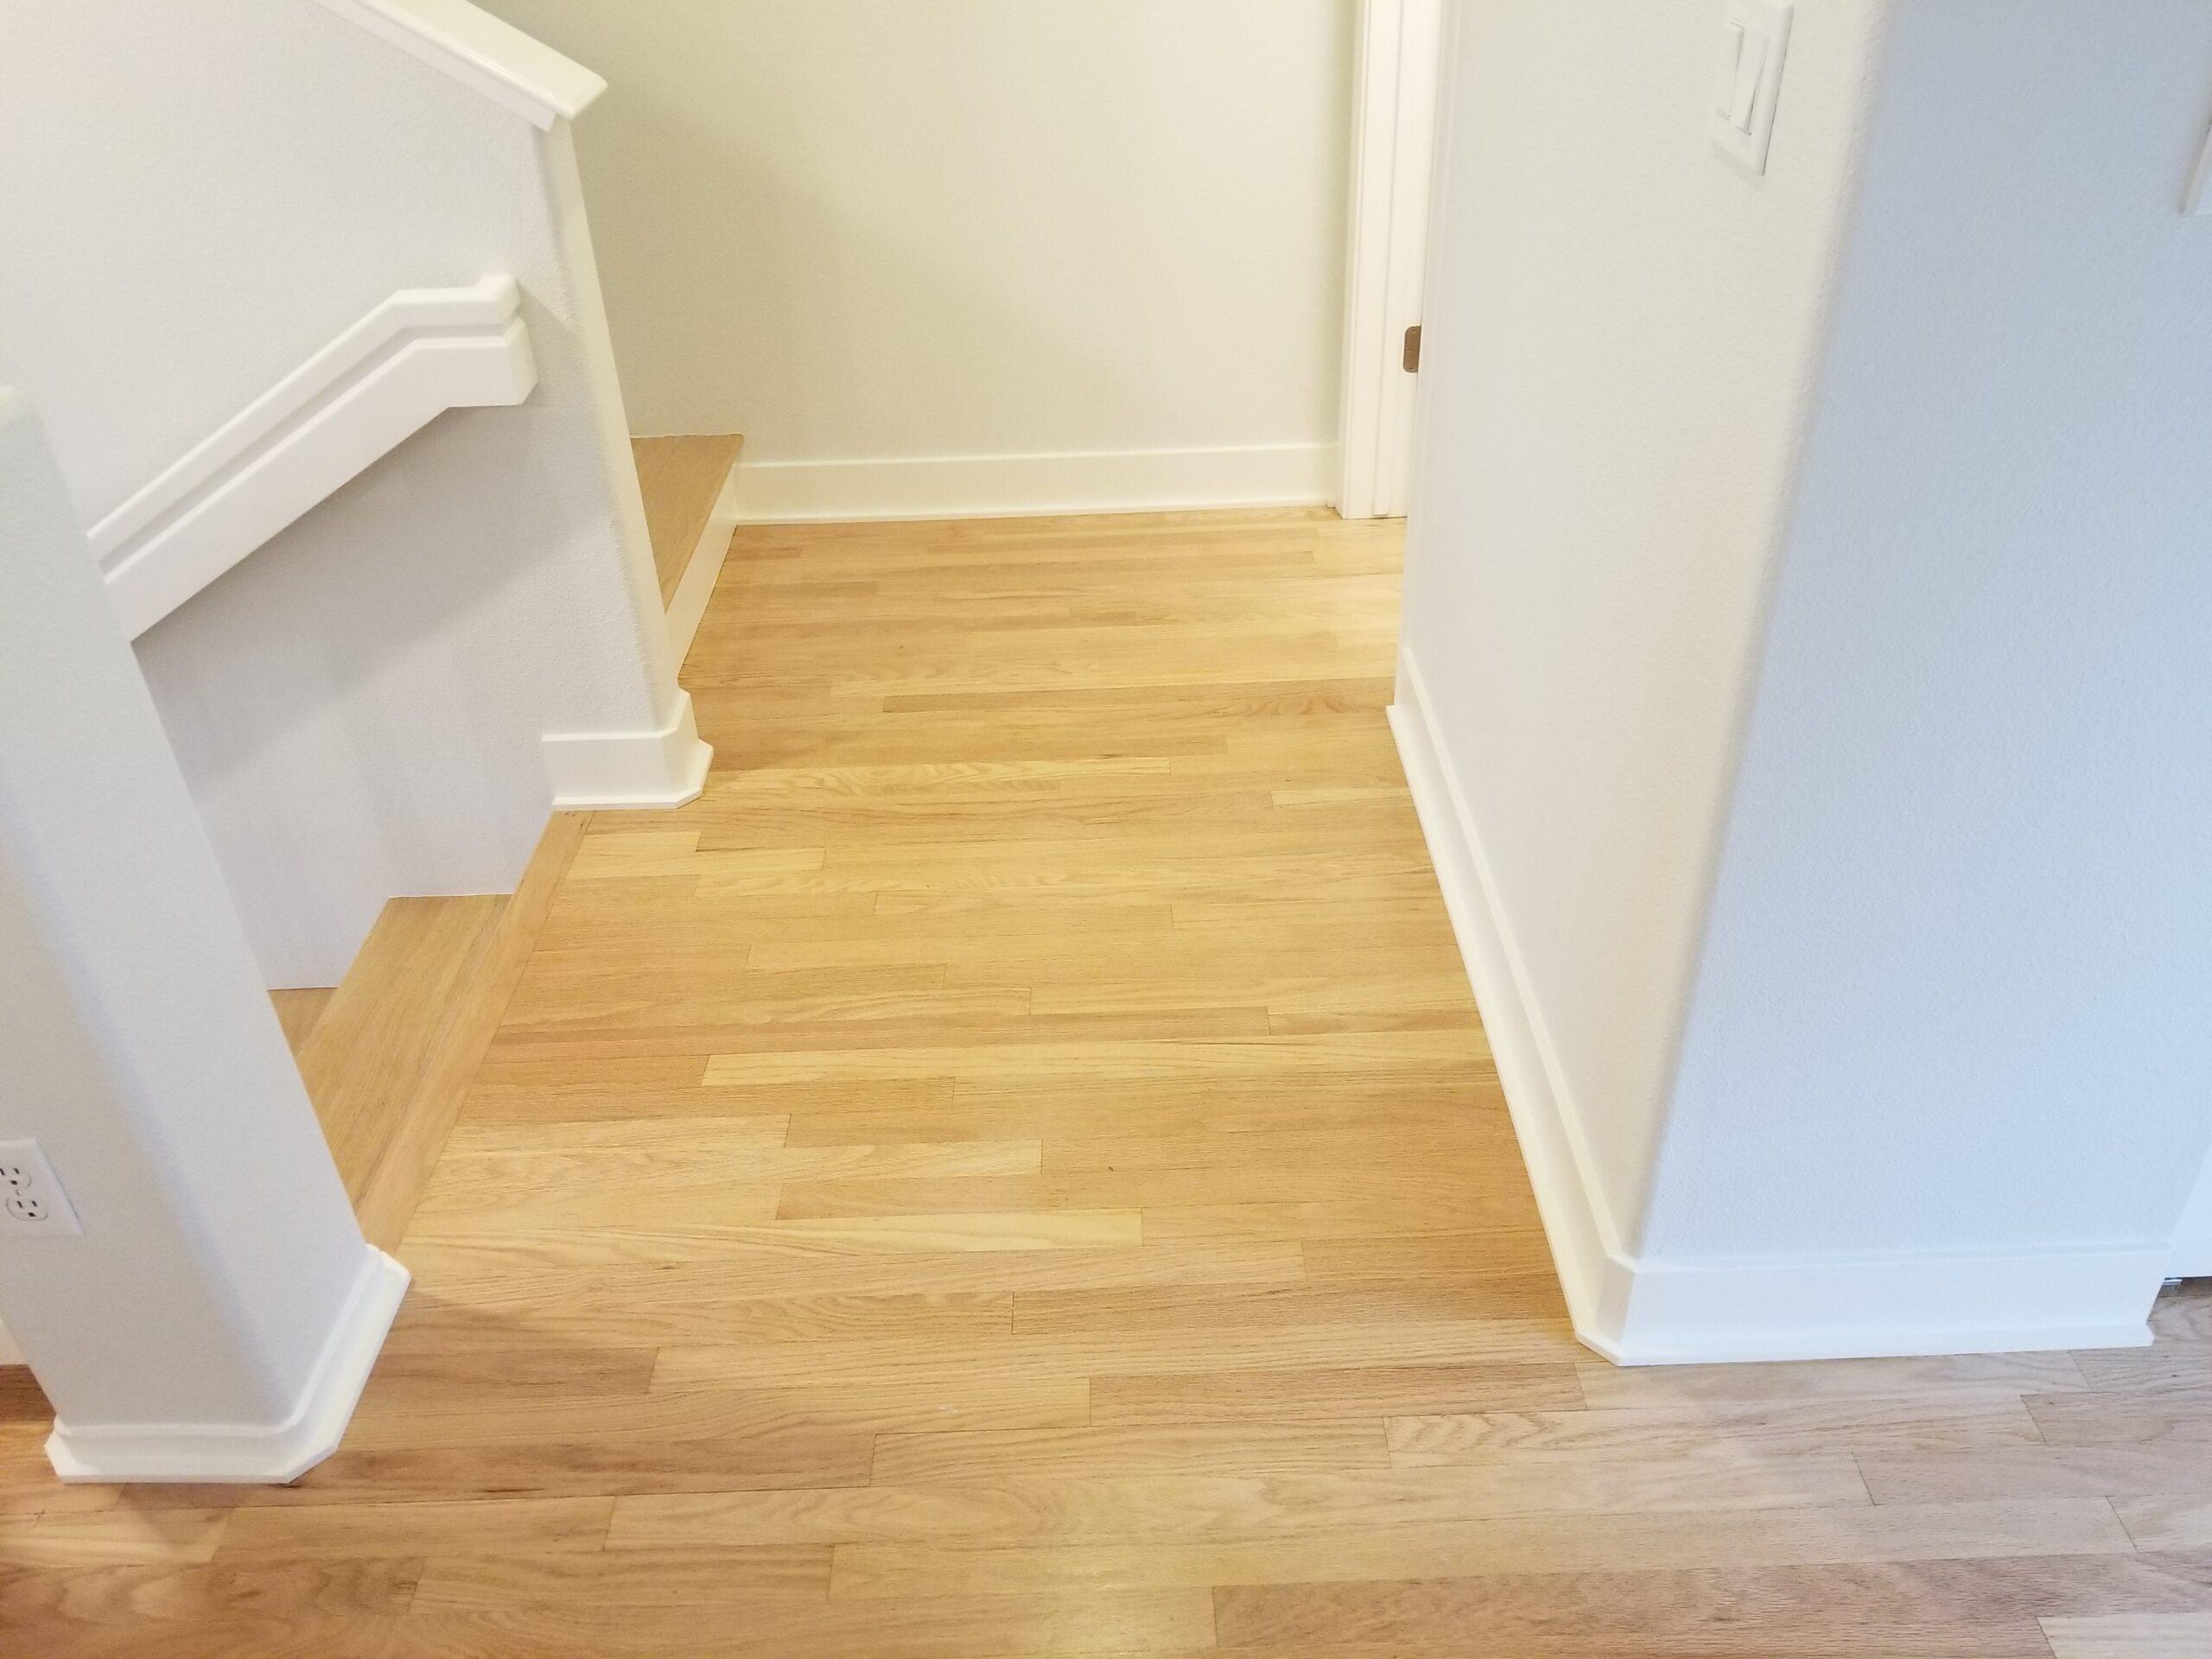 Refinish engineered red oak flooring 2nd floor landing  and stairway Sunnyvale.